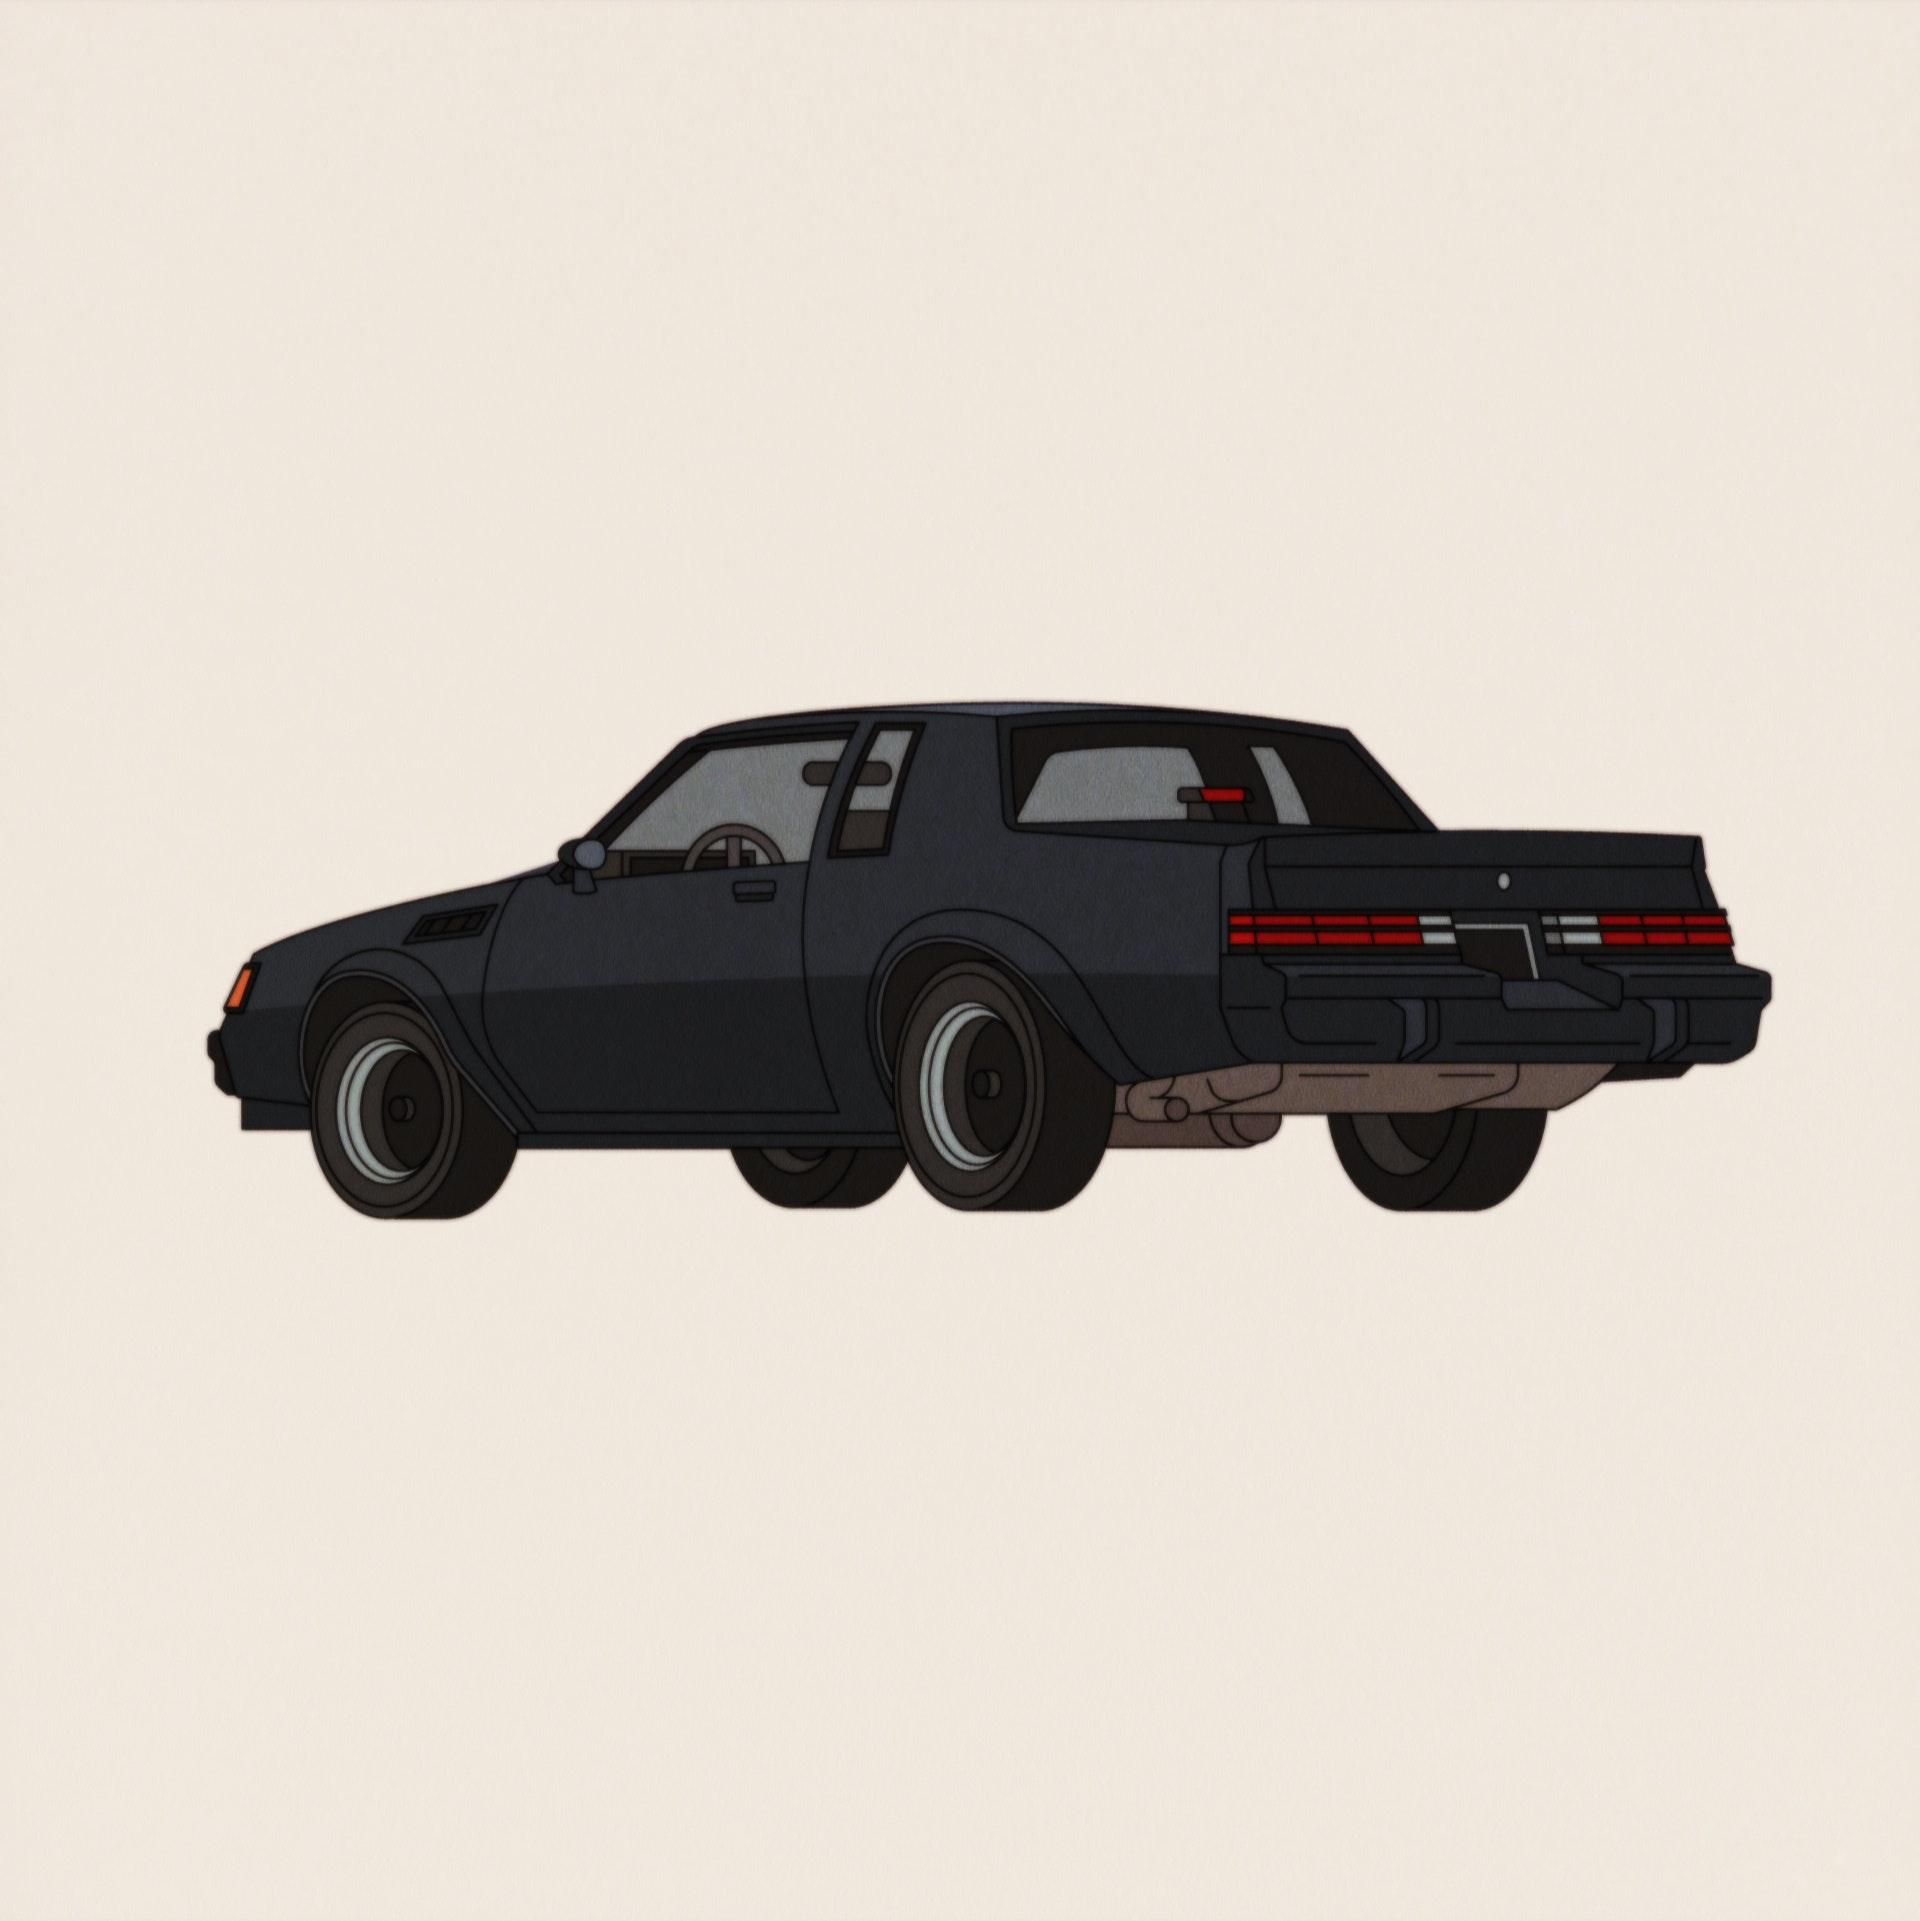 Emile - Buick